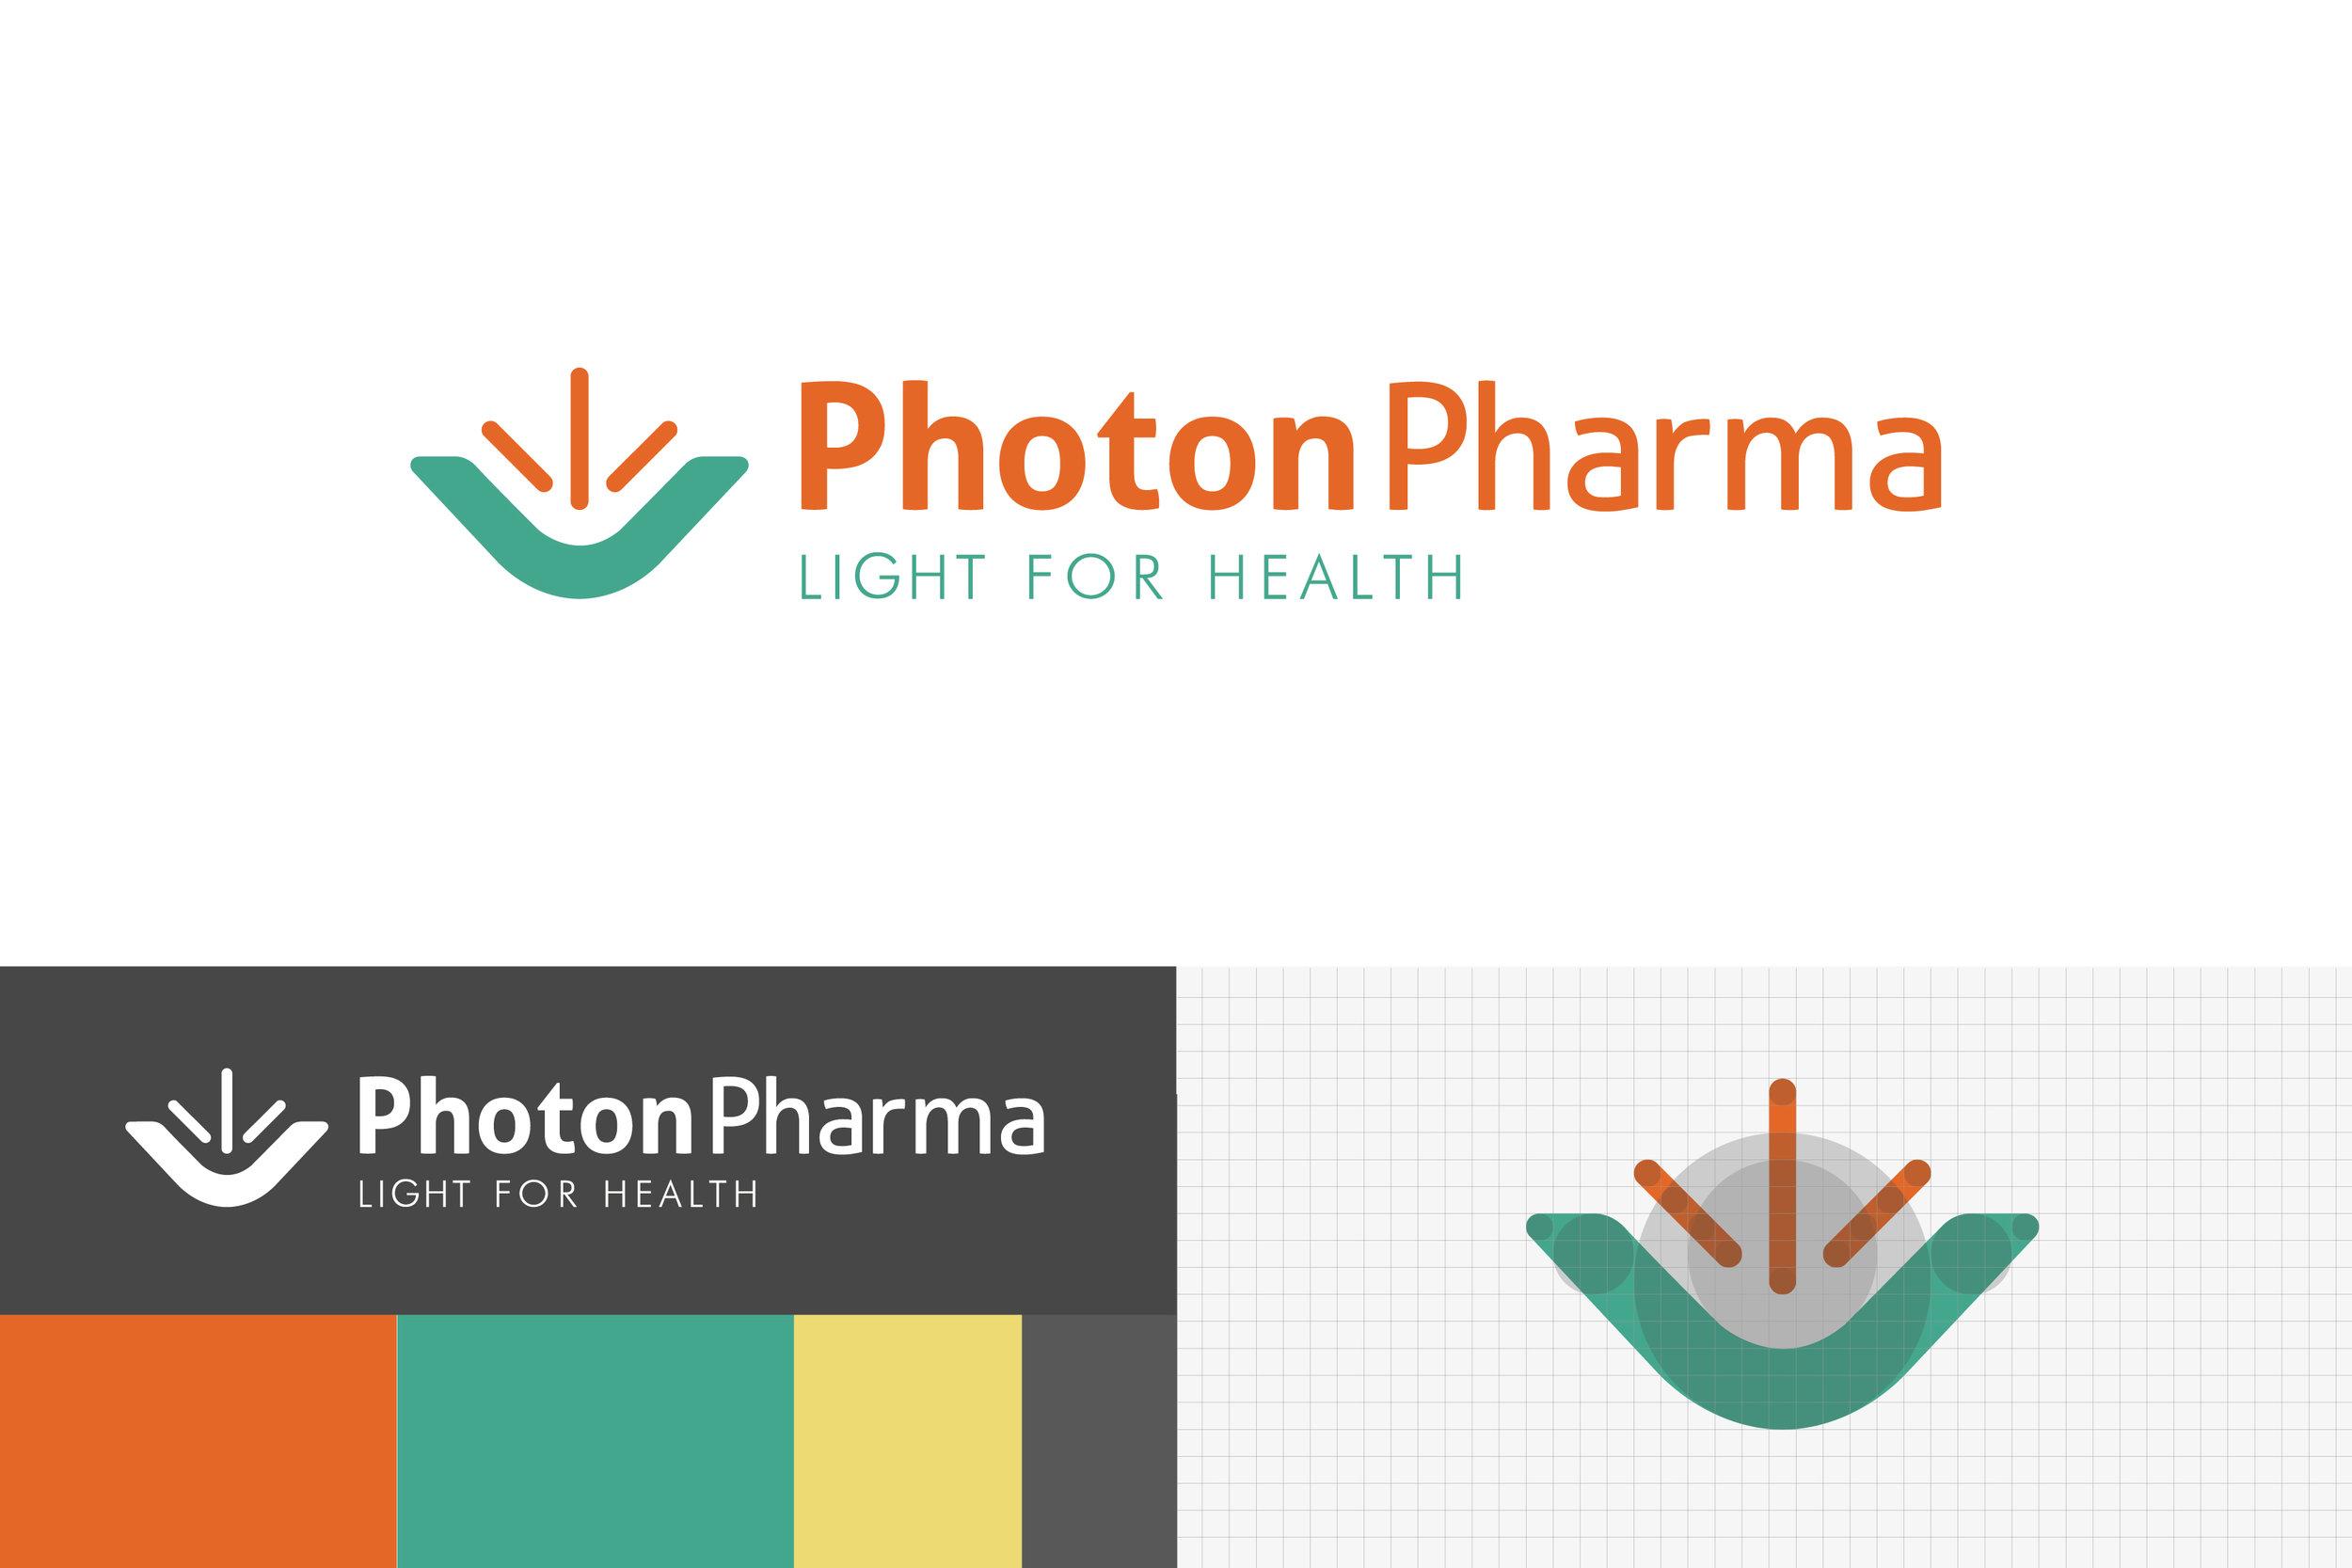 PhotonPharma_02-01.jpg